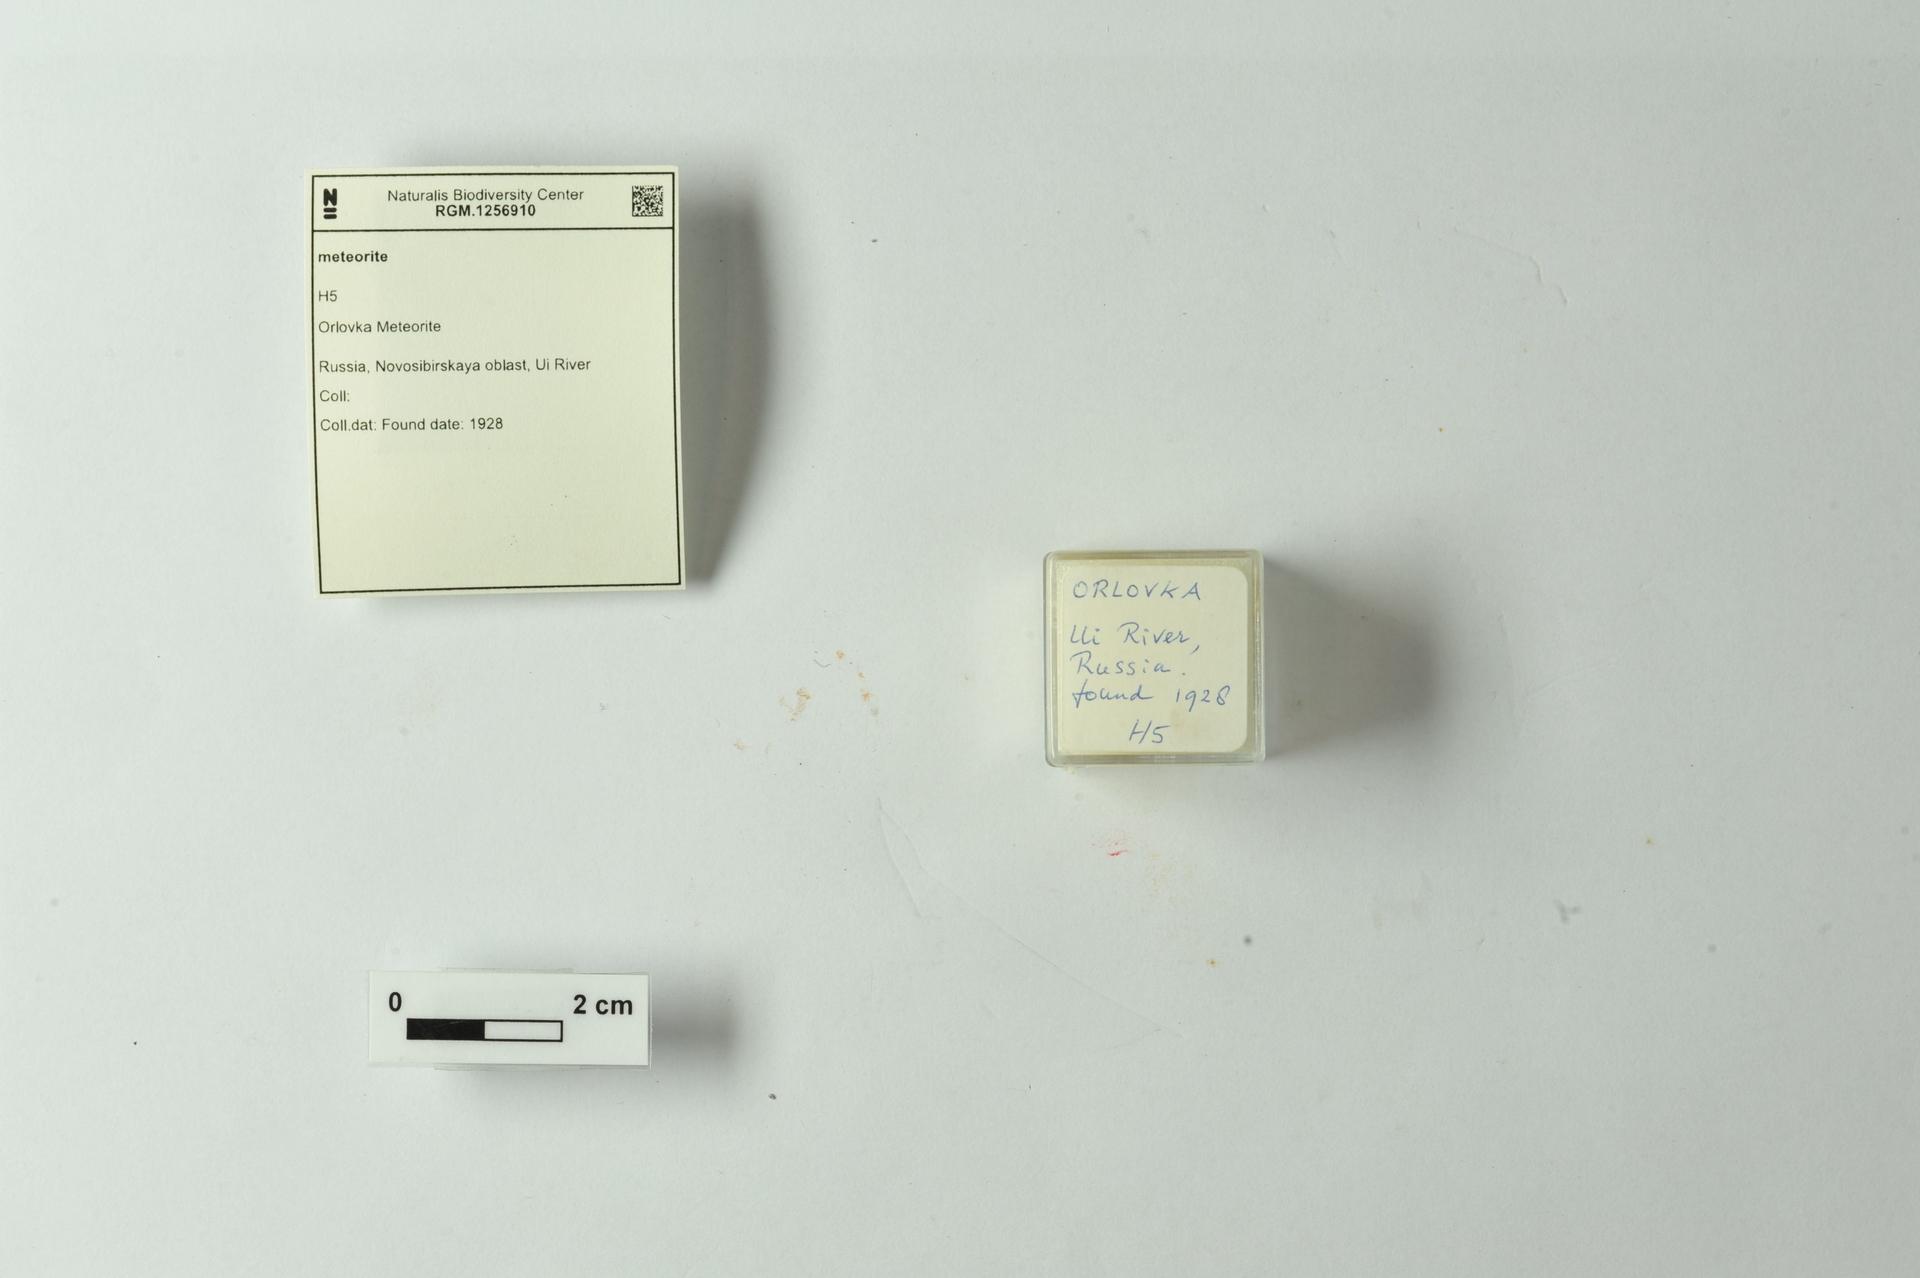 RGM.1256910 | H5